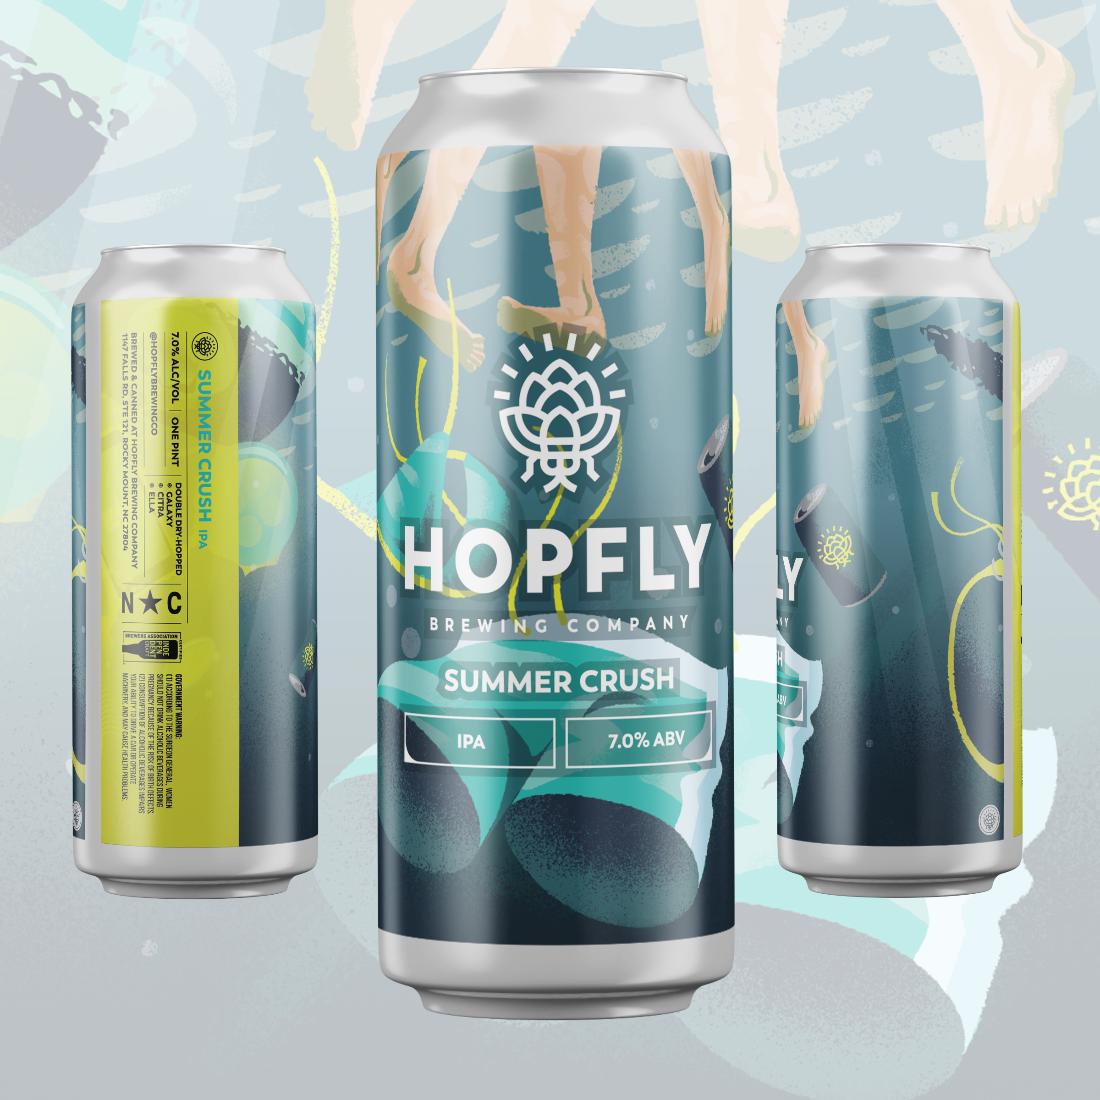 Hopfly Summer Crush IPA